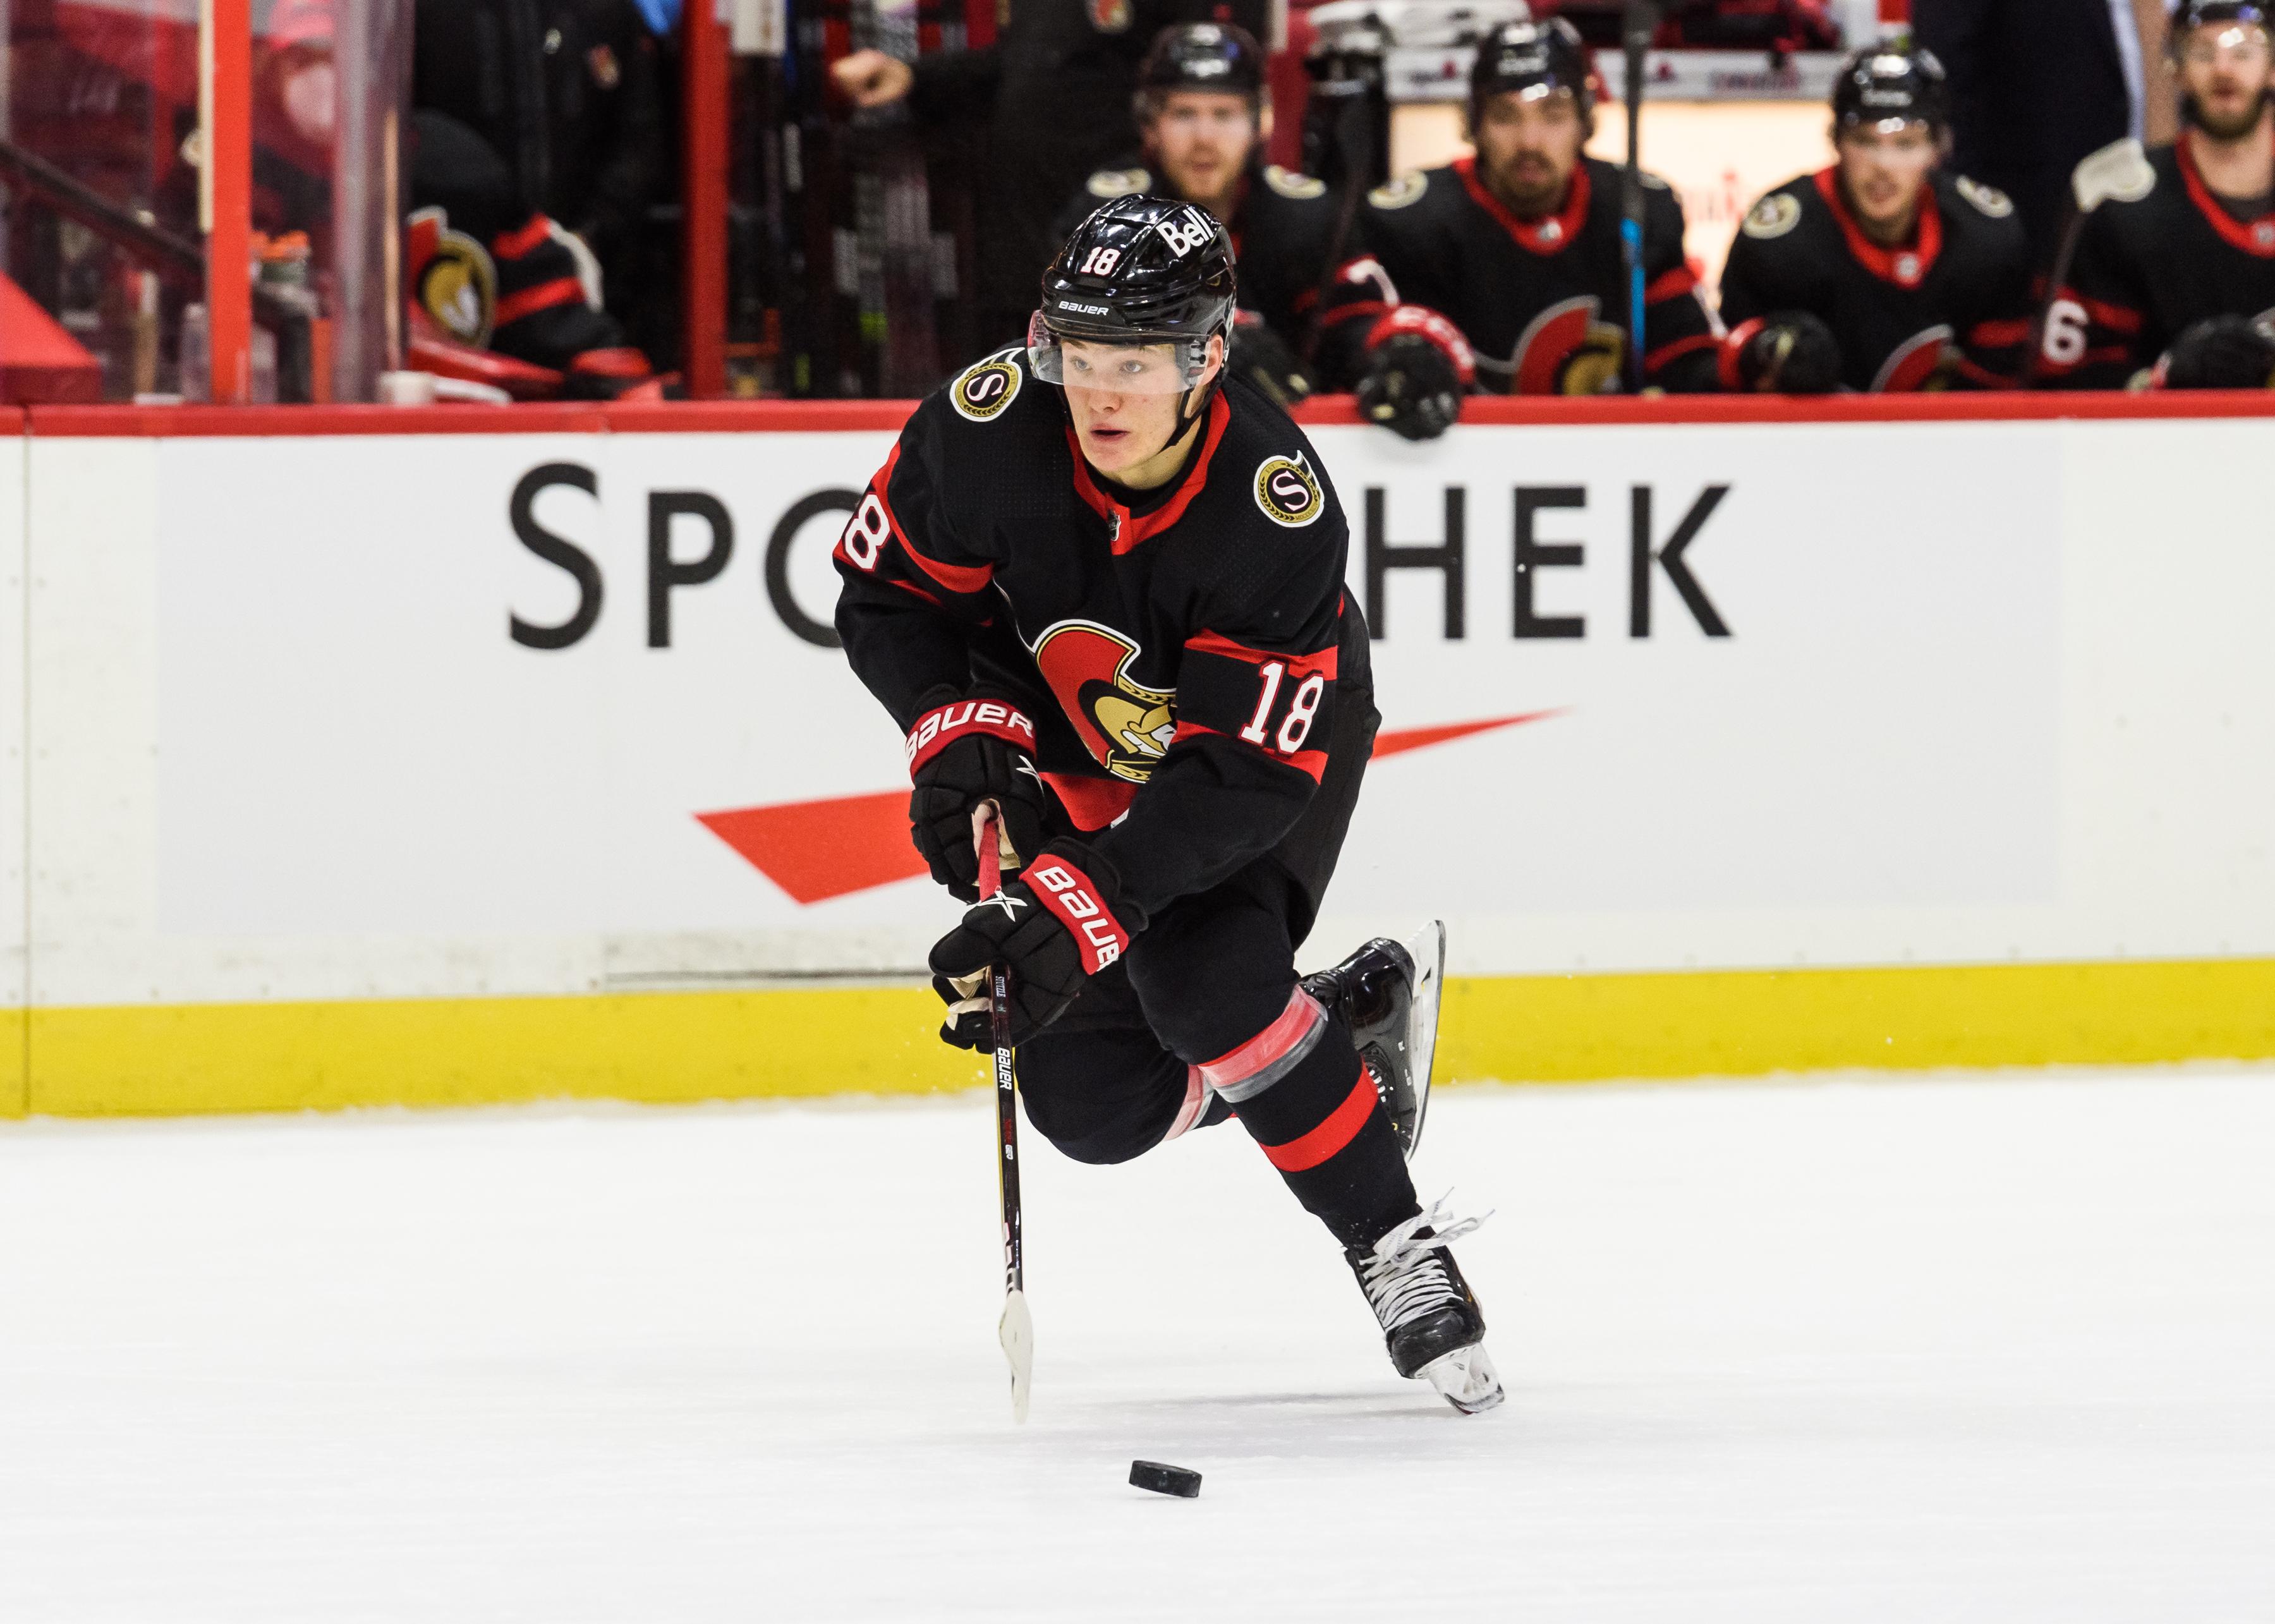 NHL: MAR 15 CANUCKS AT SENATORS